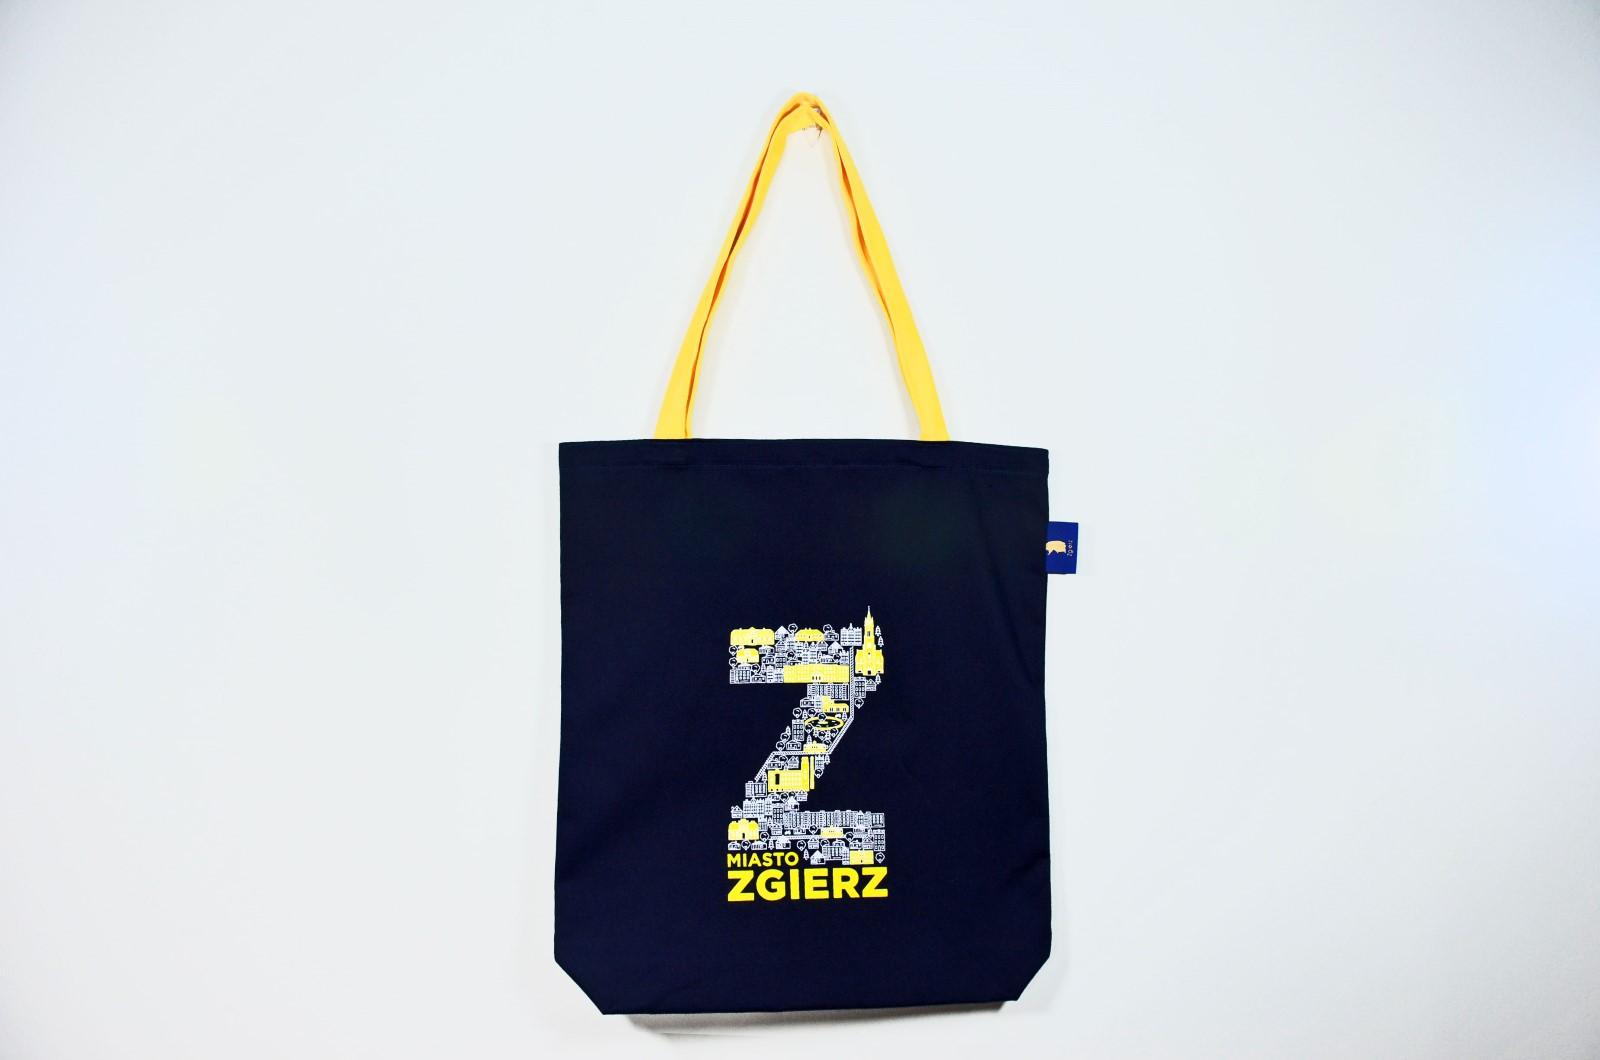 e18b7872e4708 Możesz skorzystać z gotowych modeli toreb, które posiadamy w swojej ofercie  lub zaprojektować ją od podstaw. Najbardziej popularne modele toreb w  naszej ...